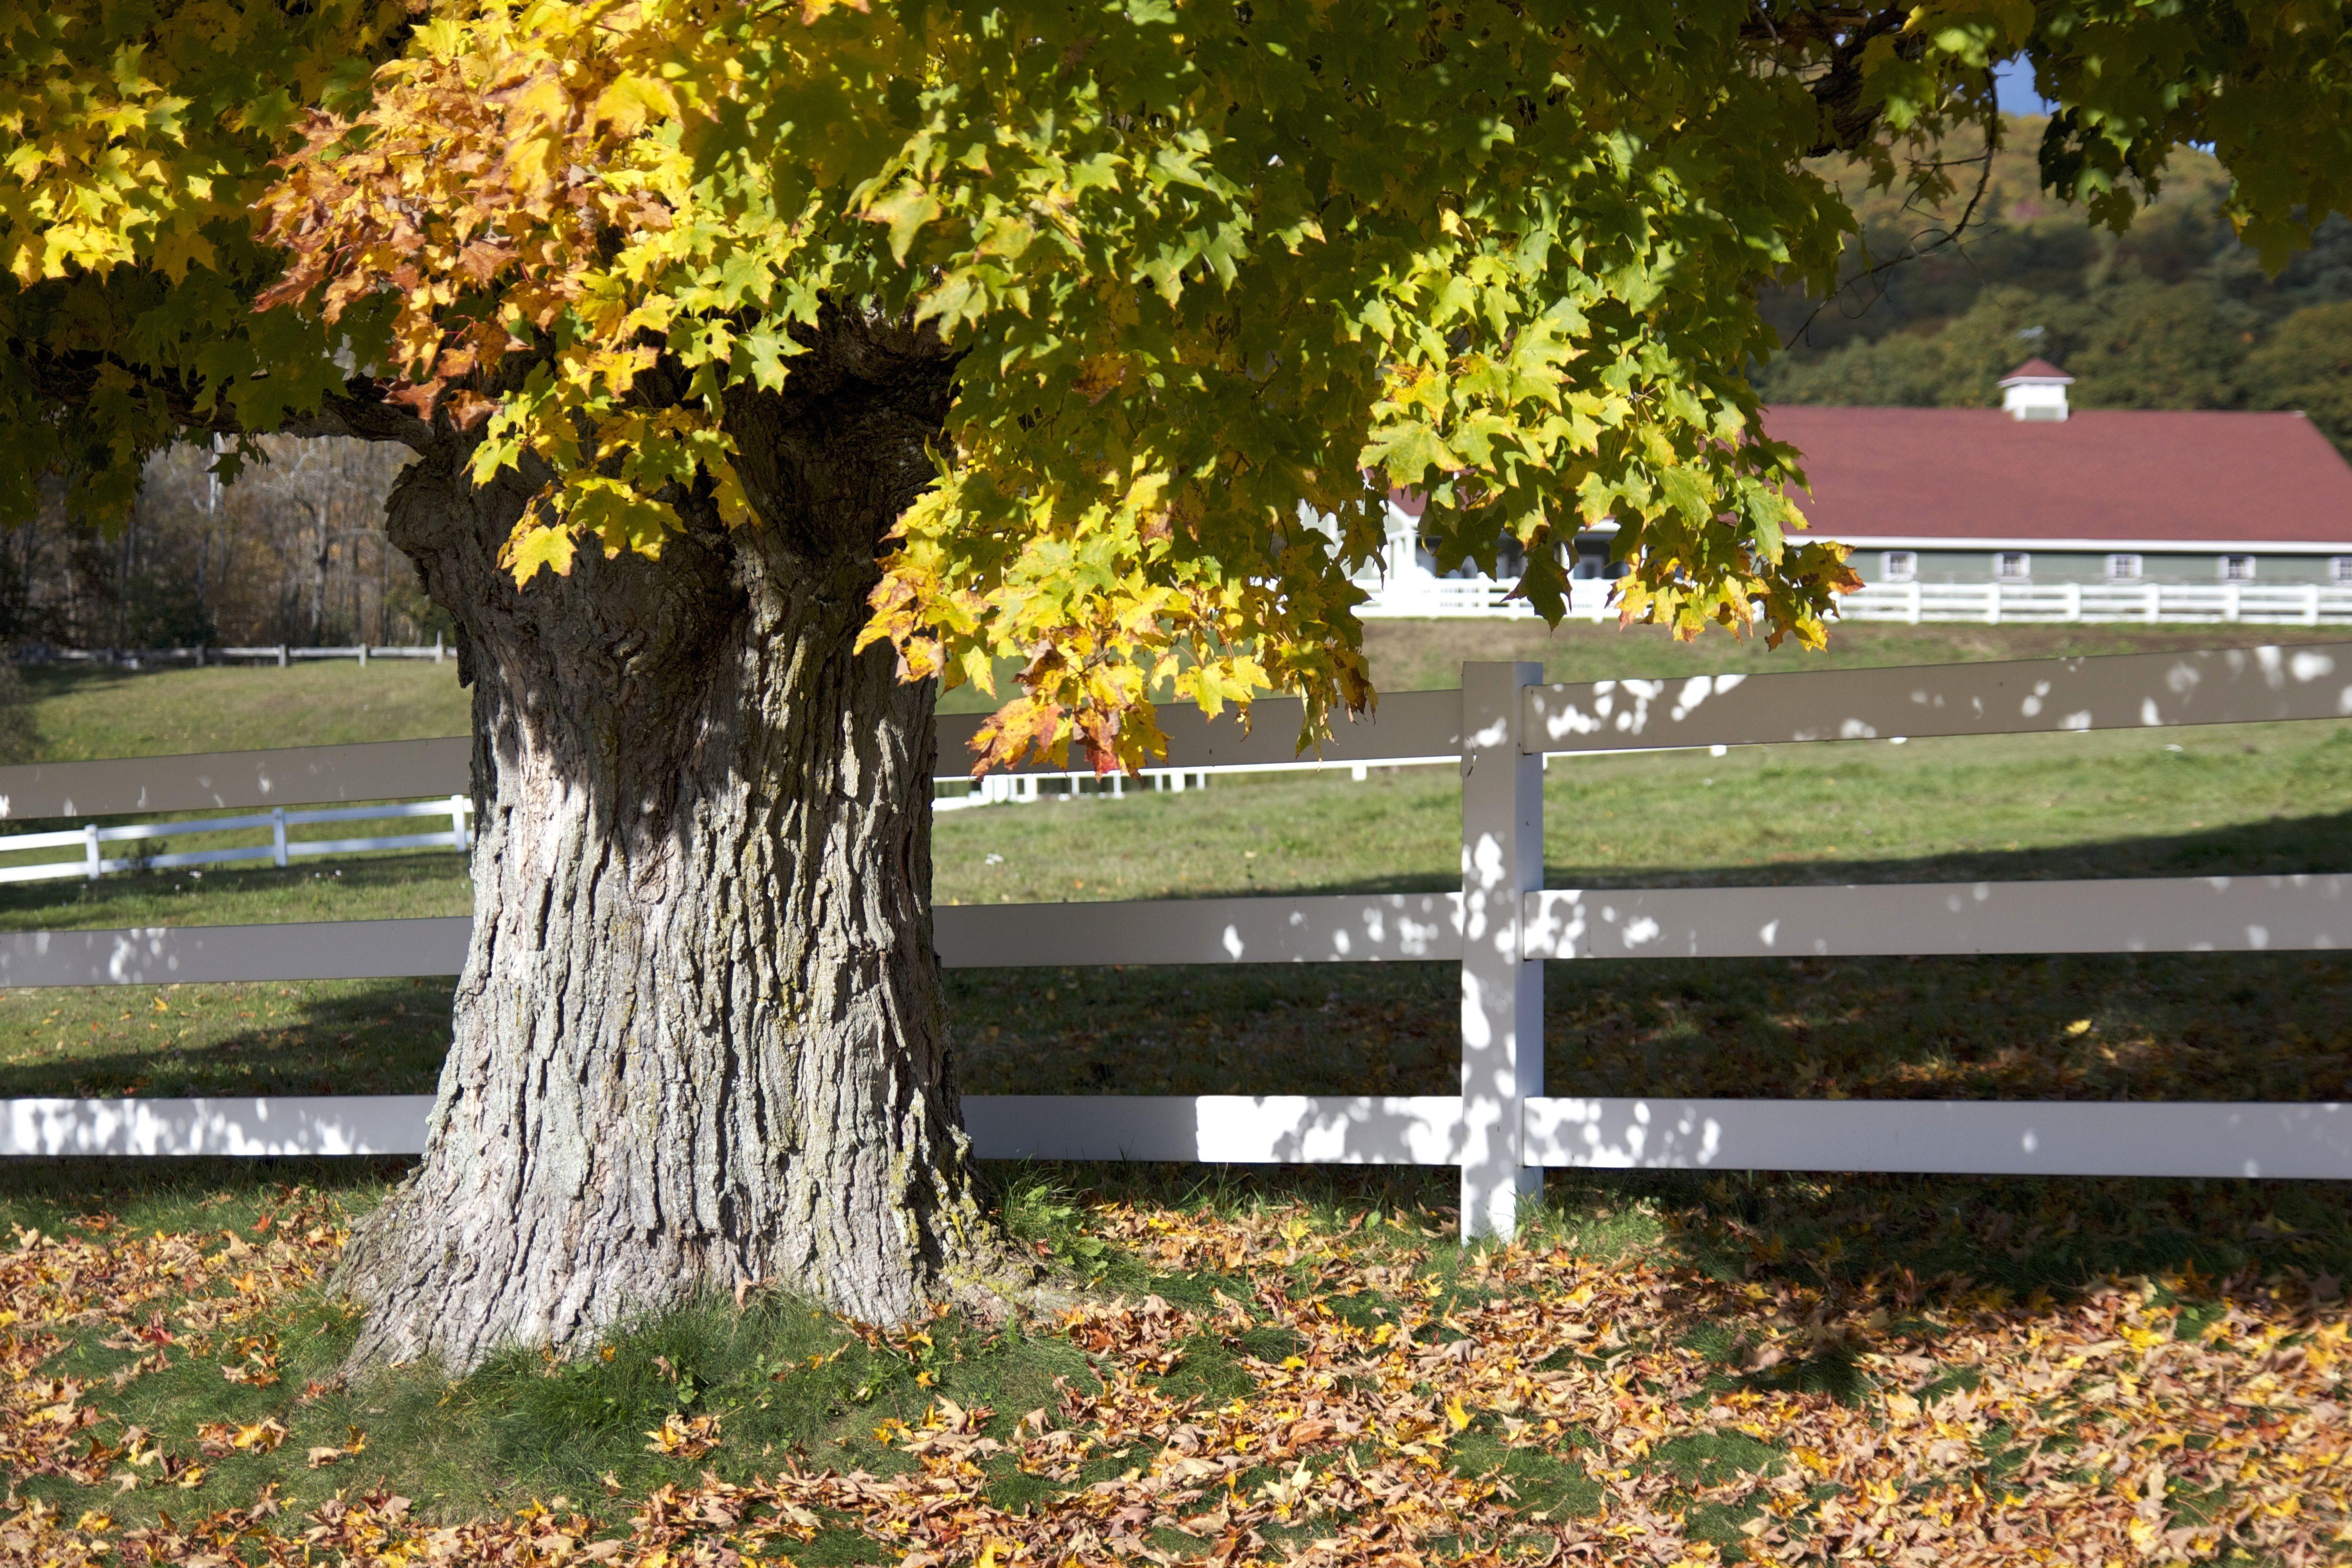 image libre vieil arbre une cl ture en bois blanc feuillage chute automne arbres barri re. Black Bedroom Furniture Sets. Home Design Ideas